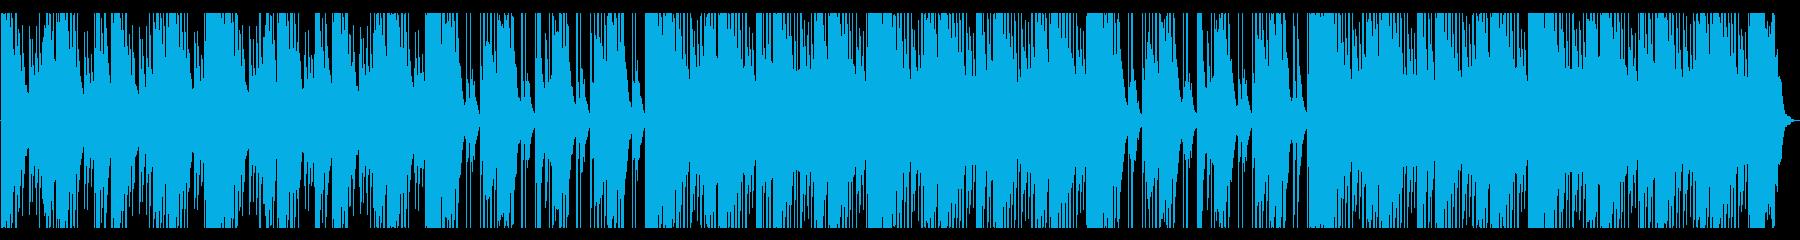 洞窟を探索するような神秘的なBGMの再生済みの波形